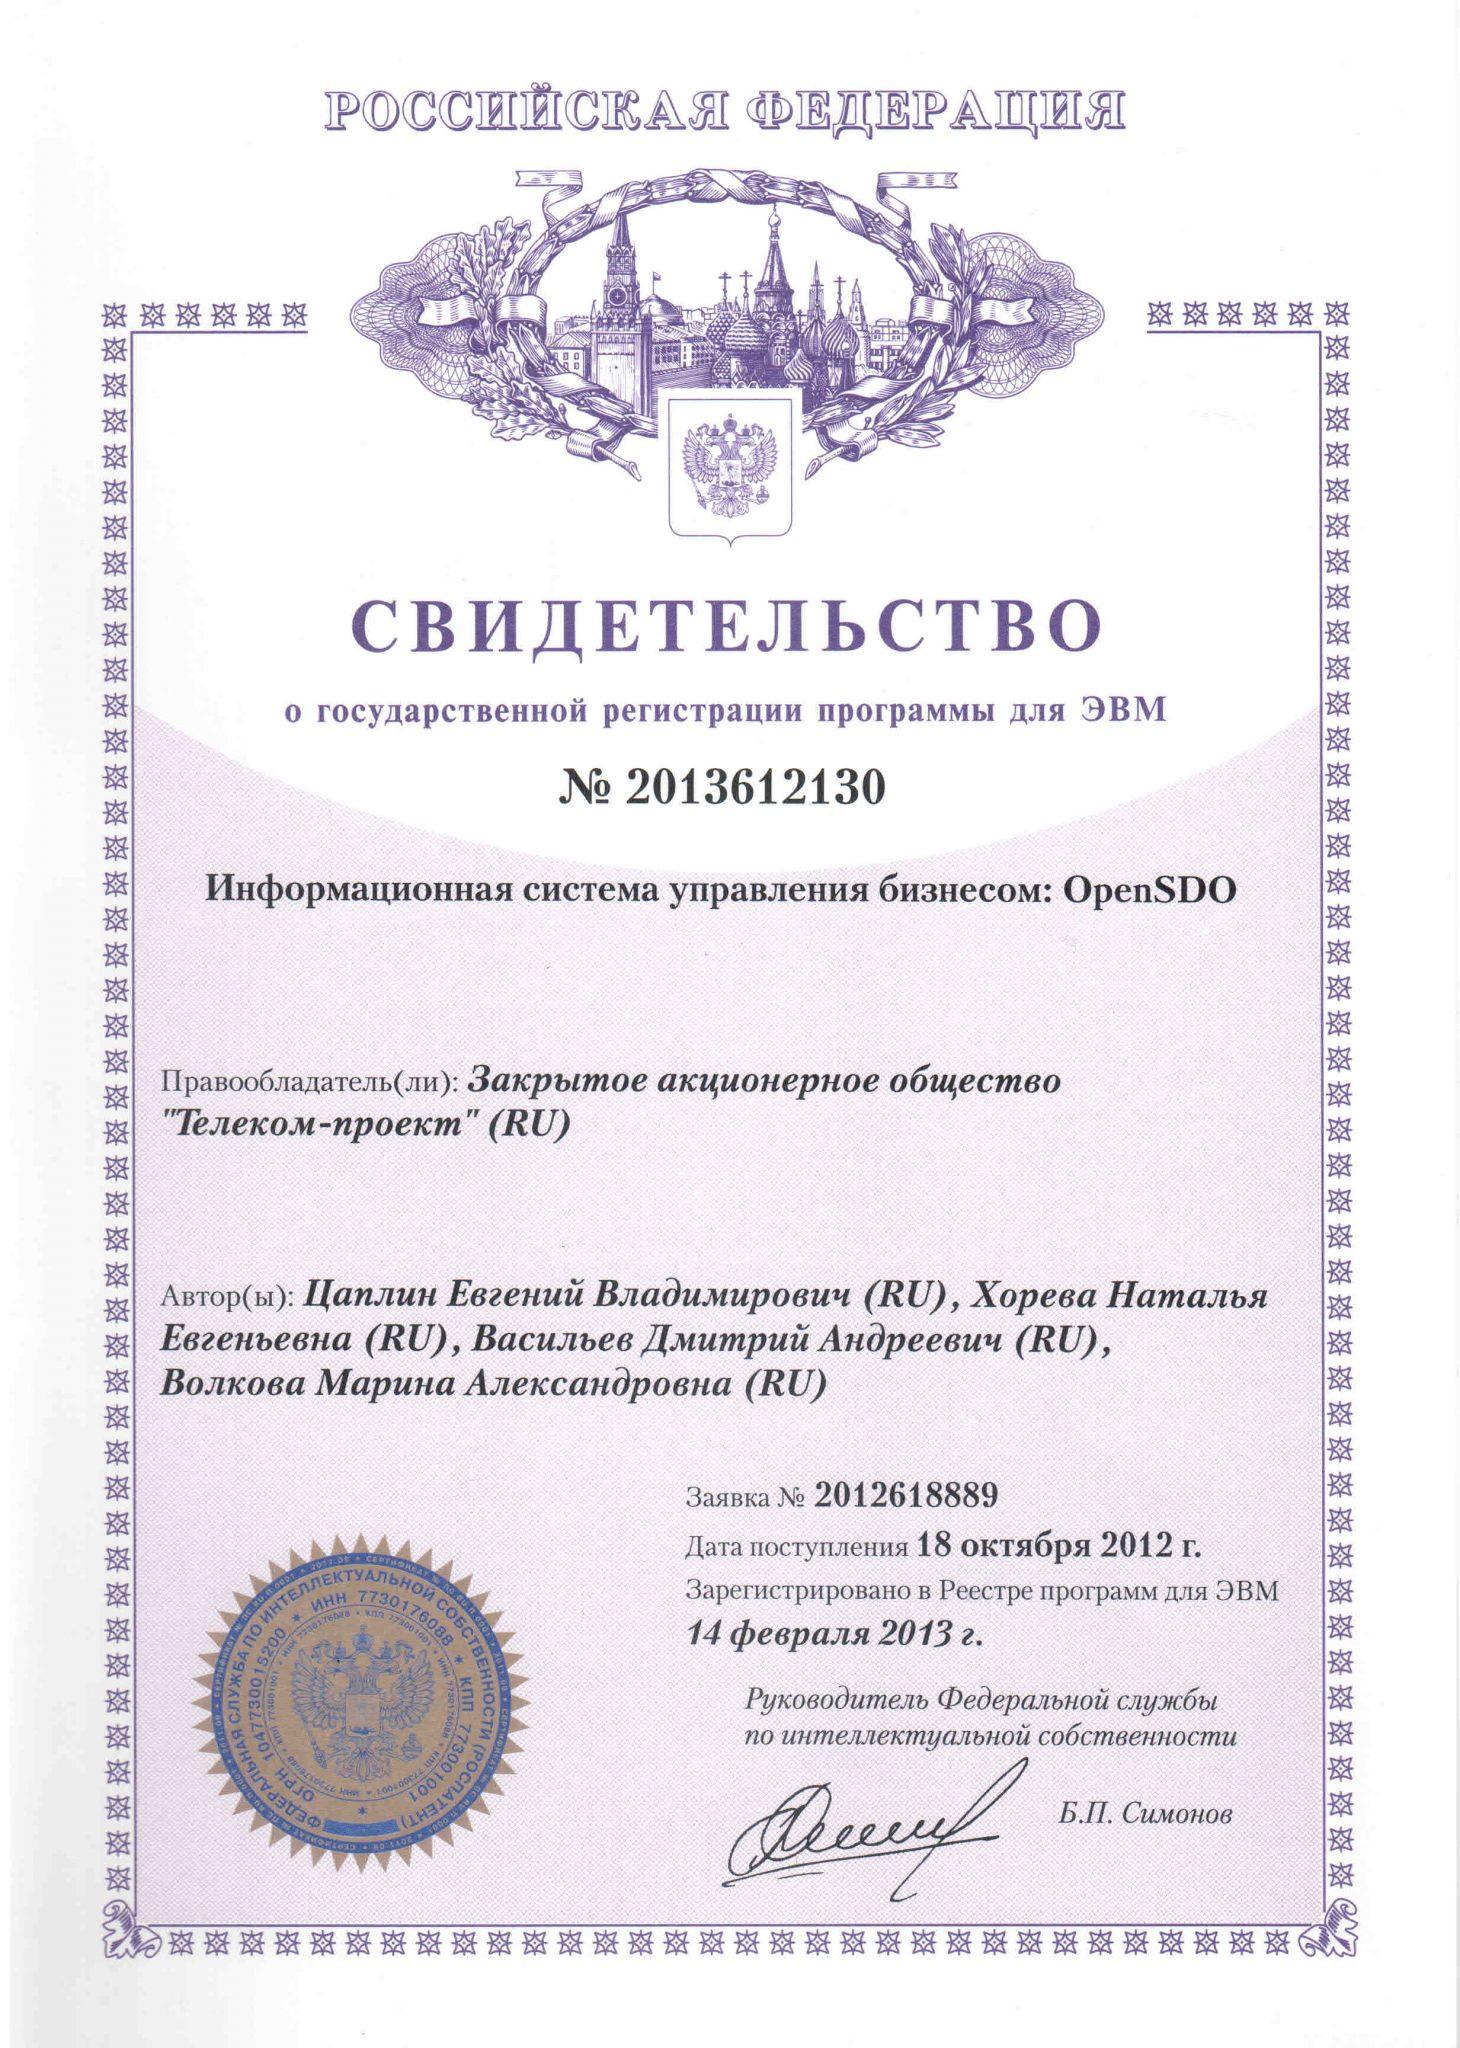 Свидетельство регистрации программы для ЭВМ Информационная система управления бизнесом